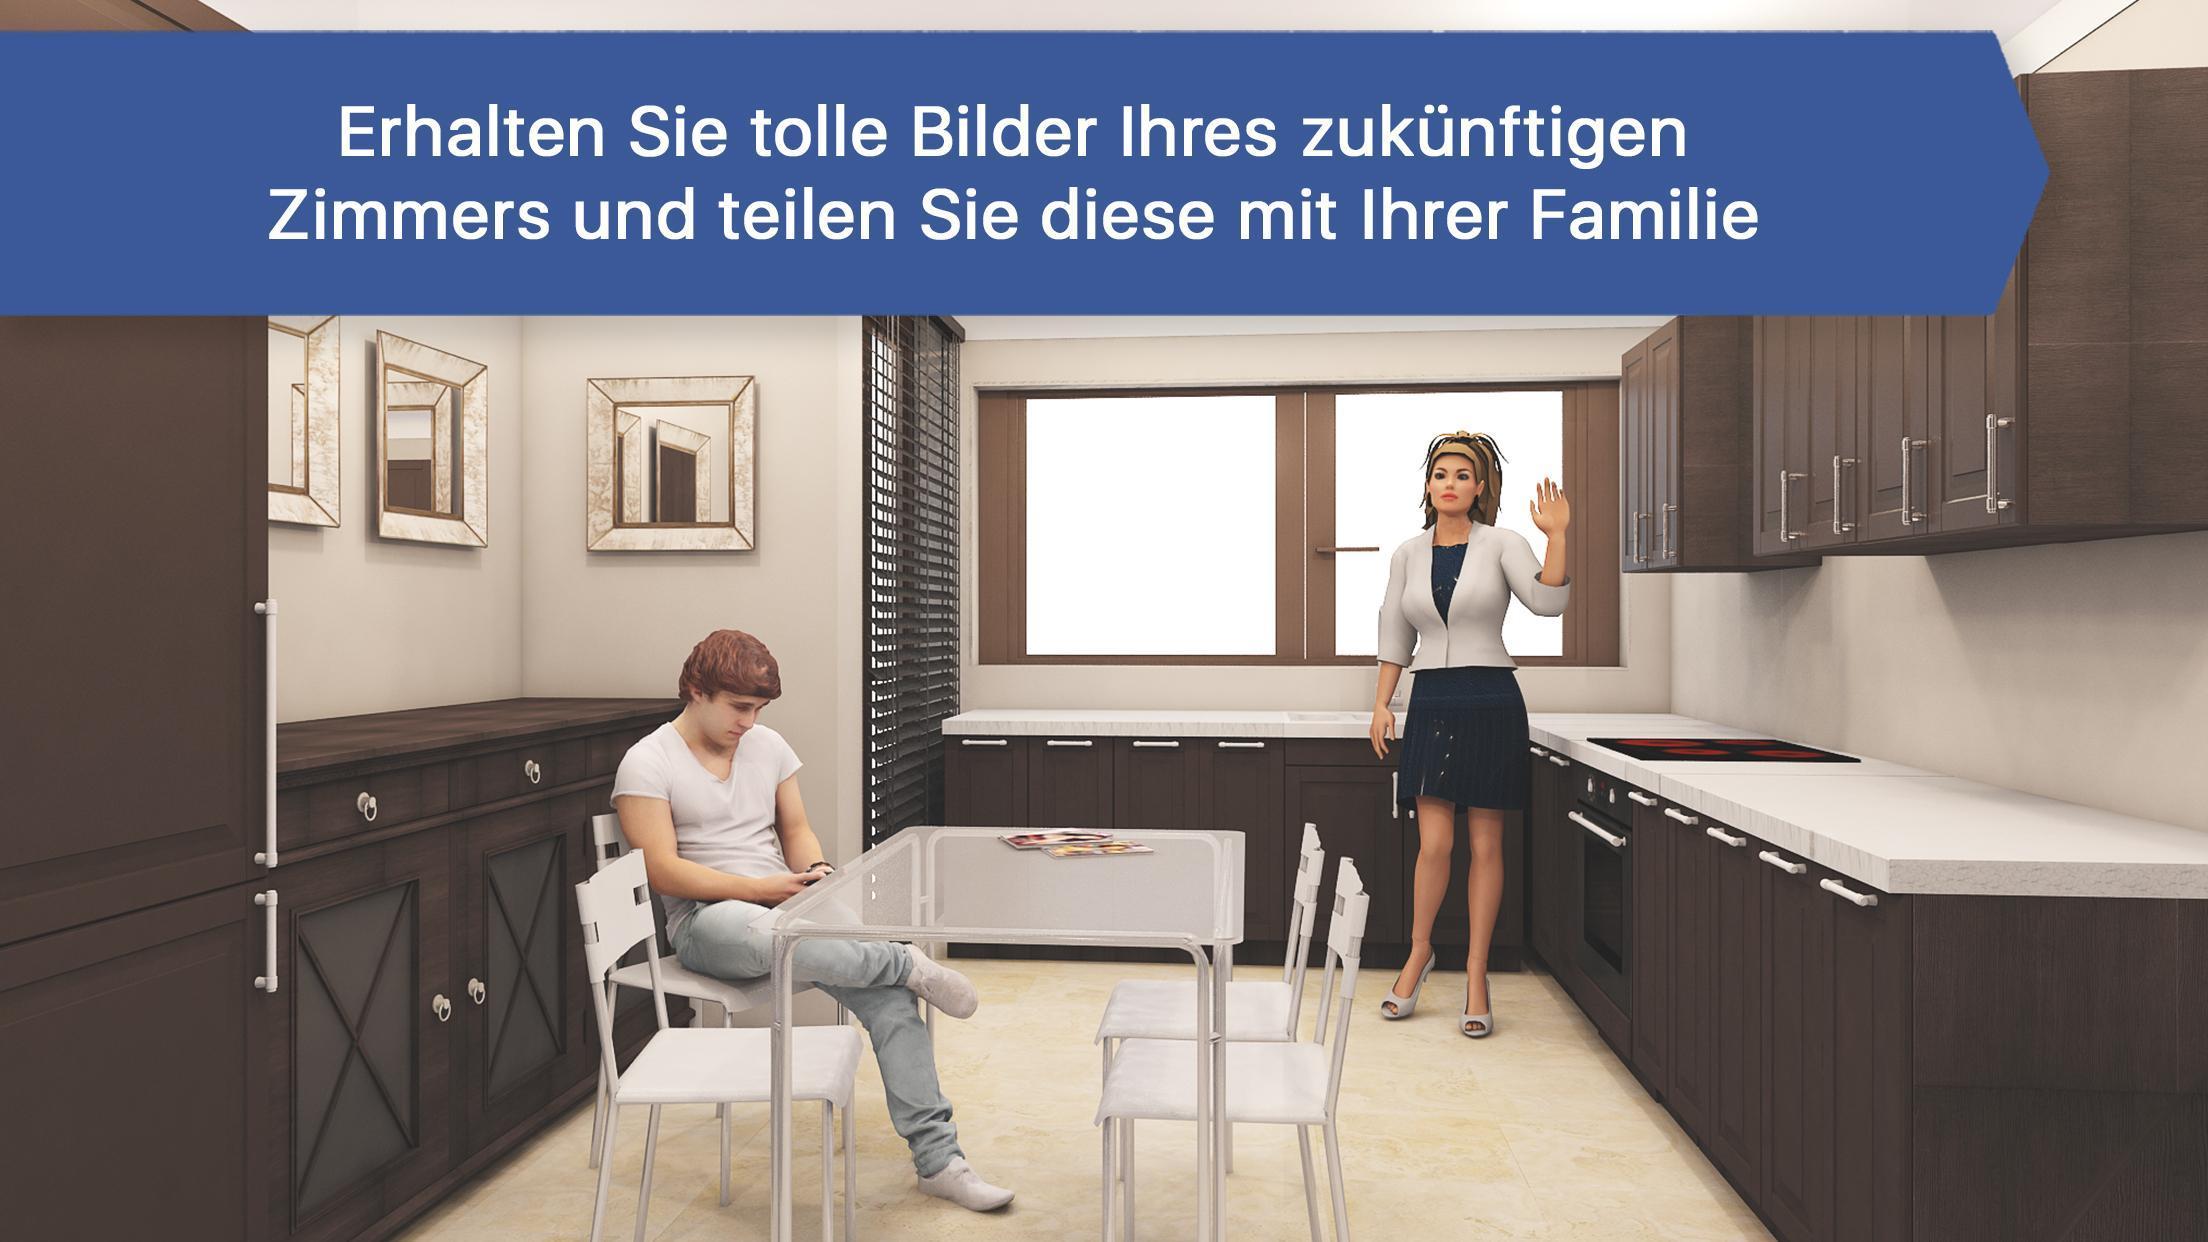 Full Size of Mobile Küche Ikea Vorratsdosen Kaufen Günstig Mit Tresen Was Kostet Eine Neue Teppich Anrichte Elektrogeräten Kosten Deko Für Fliesenspiegel Grau Hochglanz Wohnzimmer Mobile Küche Ikea